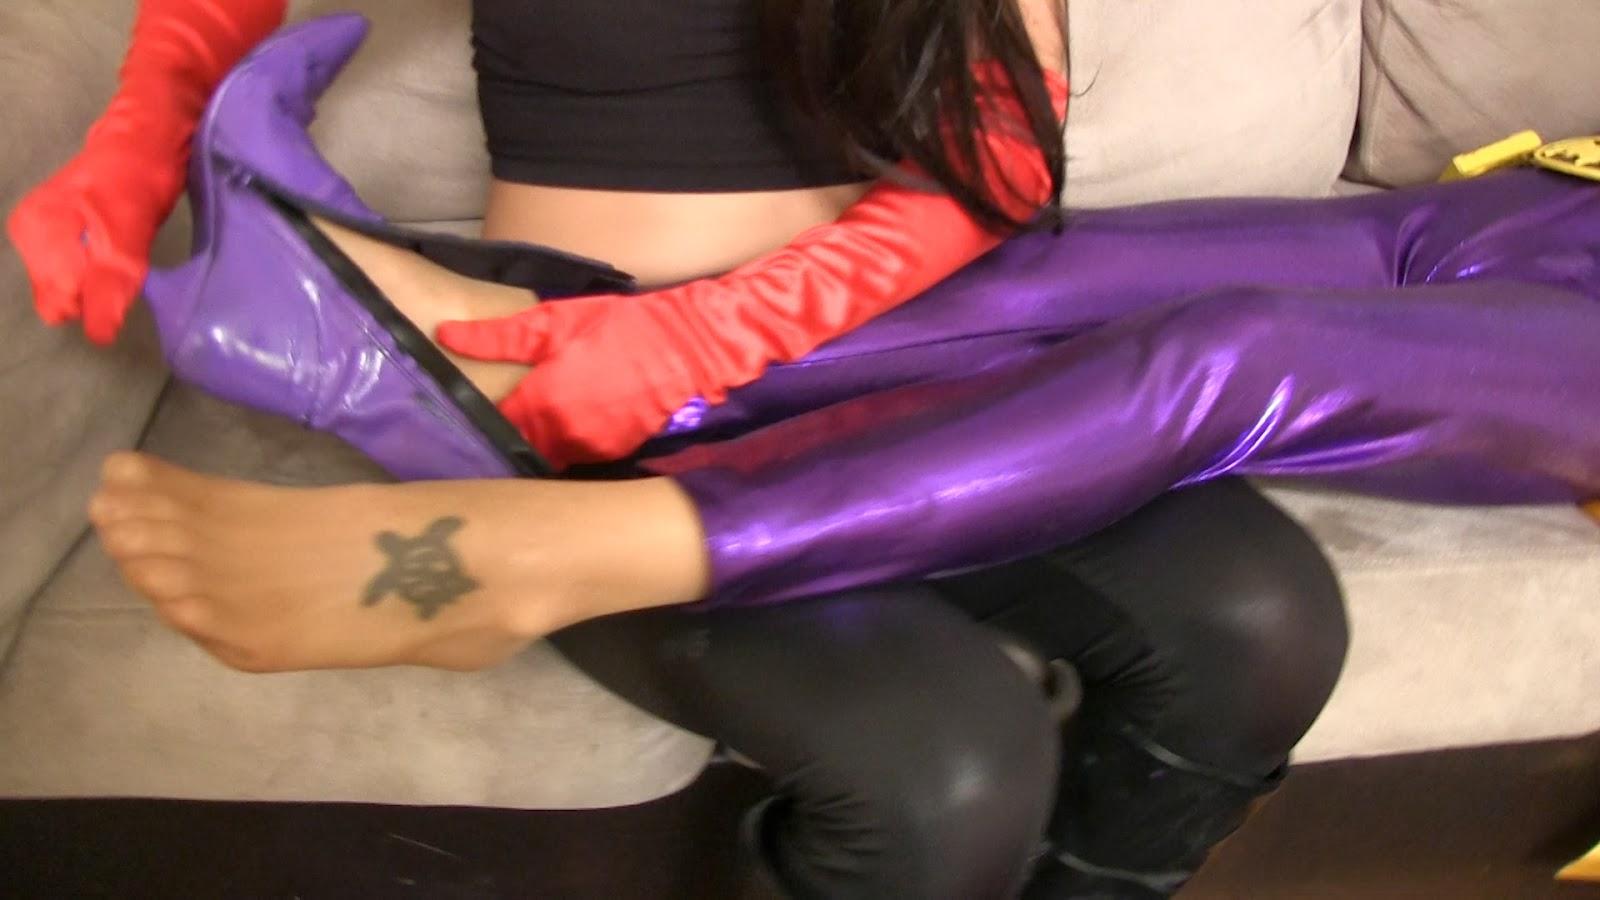 Batgirl bondage stockings photo 767